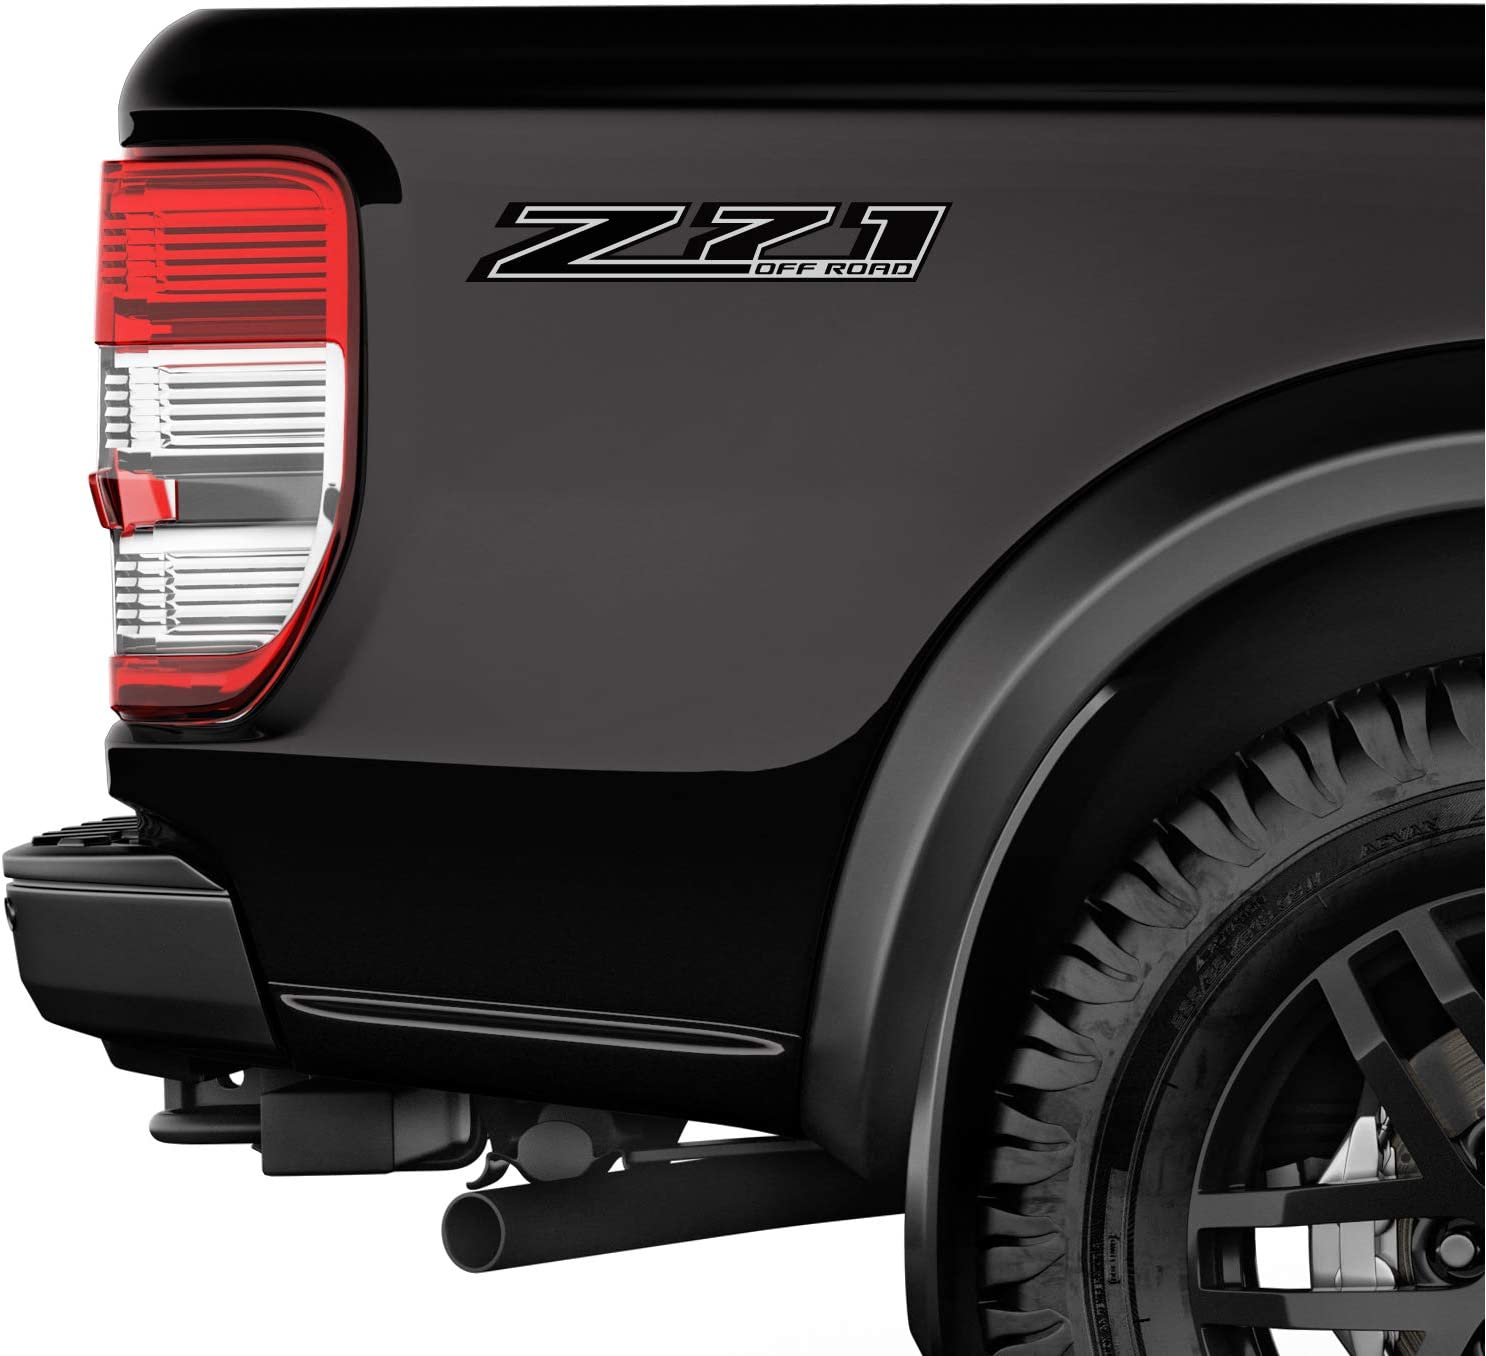 TiresFX Chevy Silverado Z71 Offroad Truck Black Blackout Stickers Decals 2014-2018